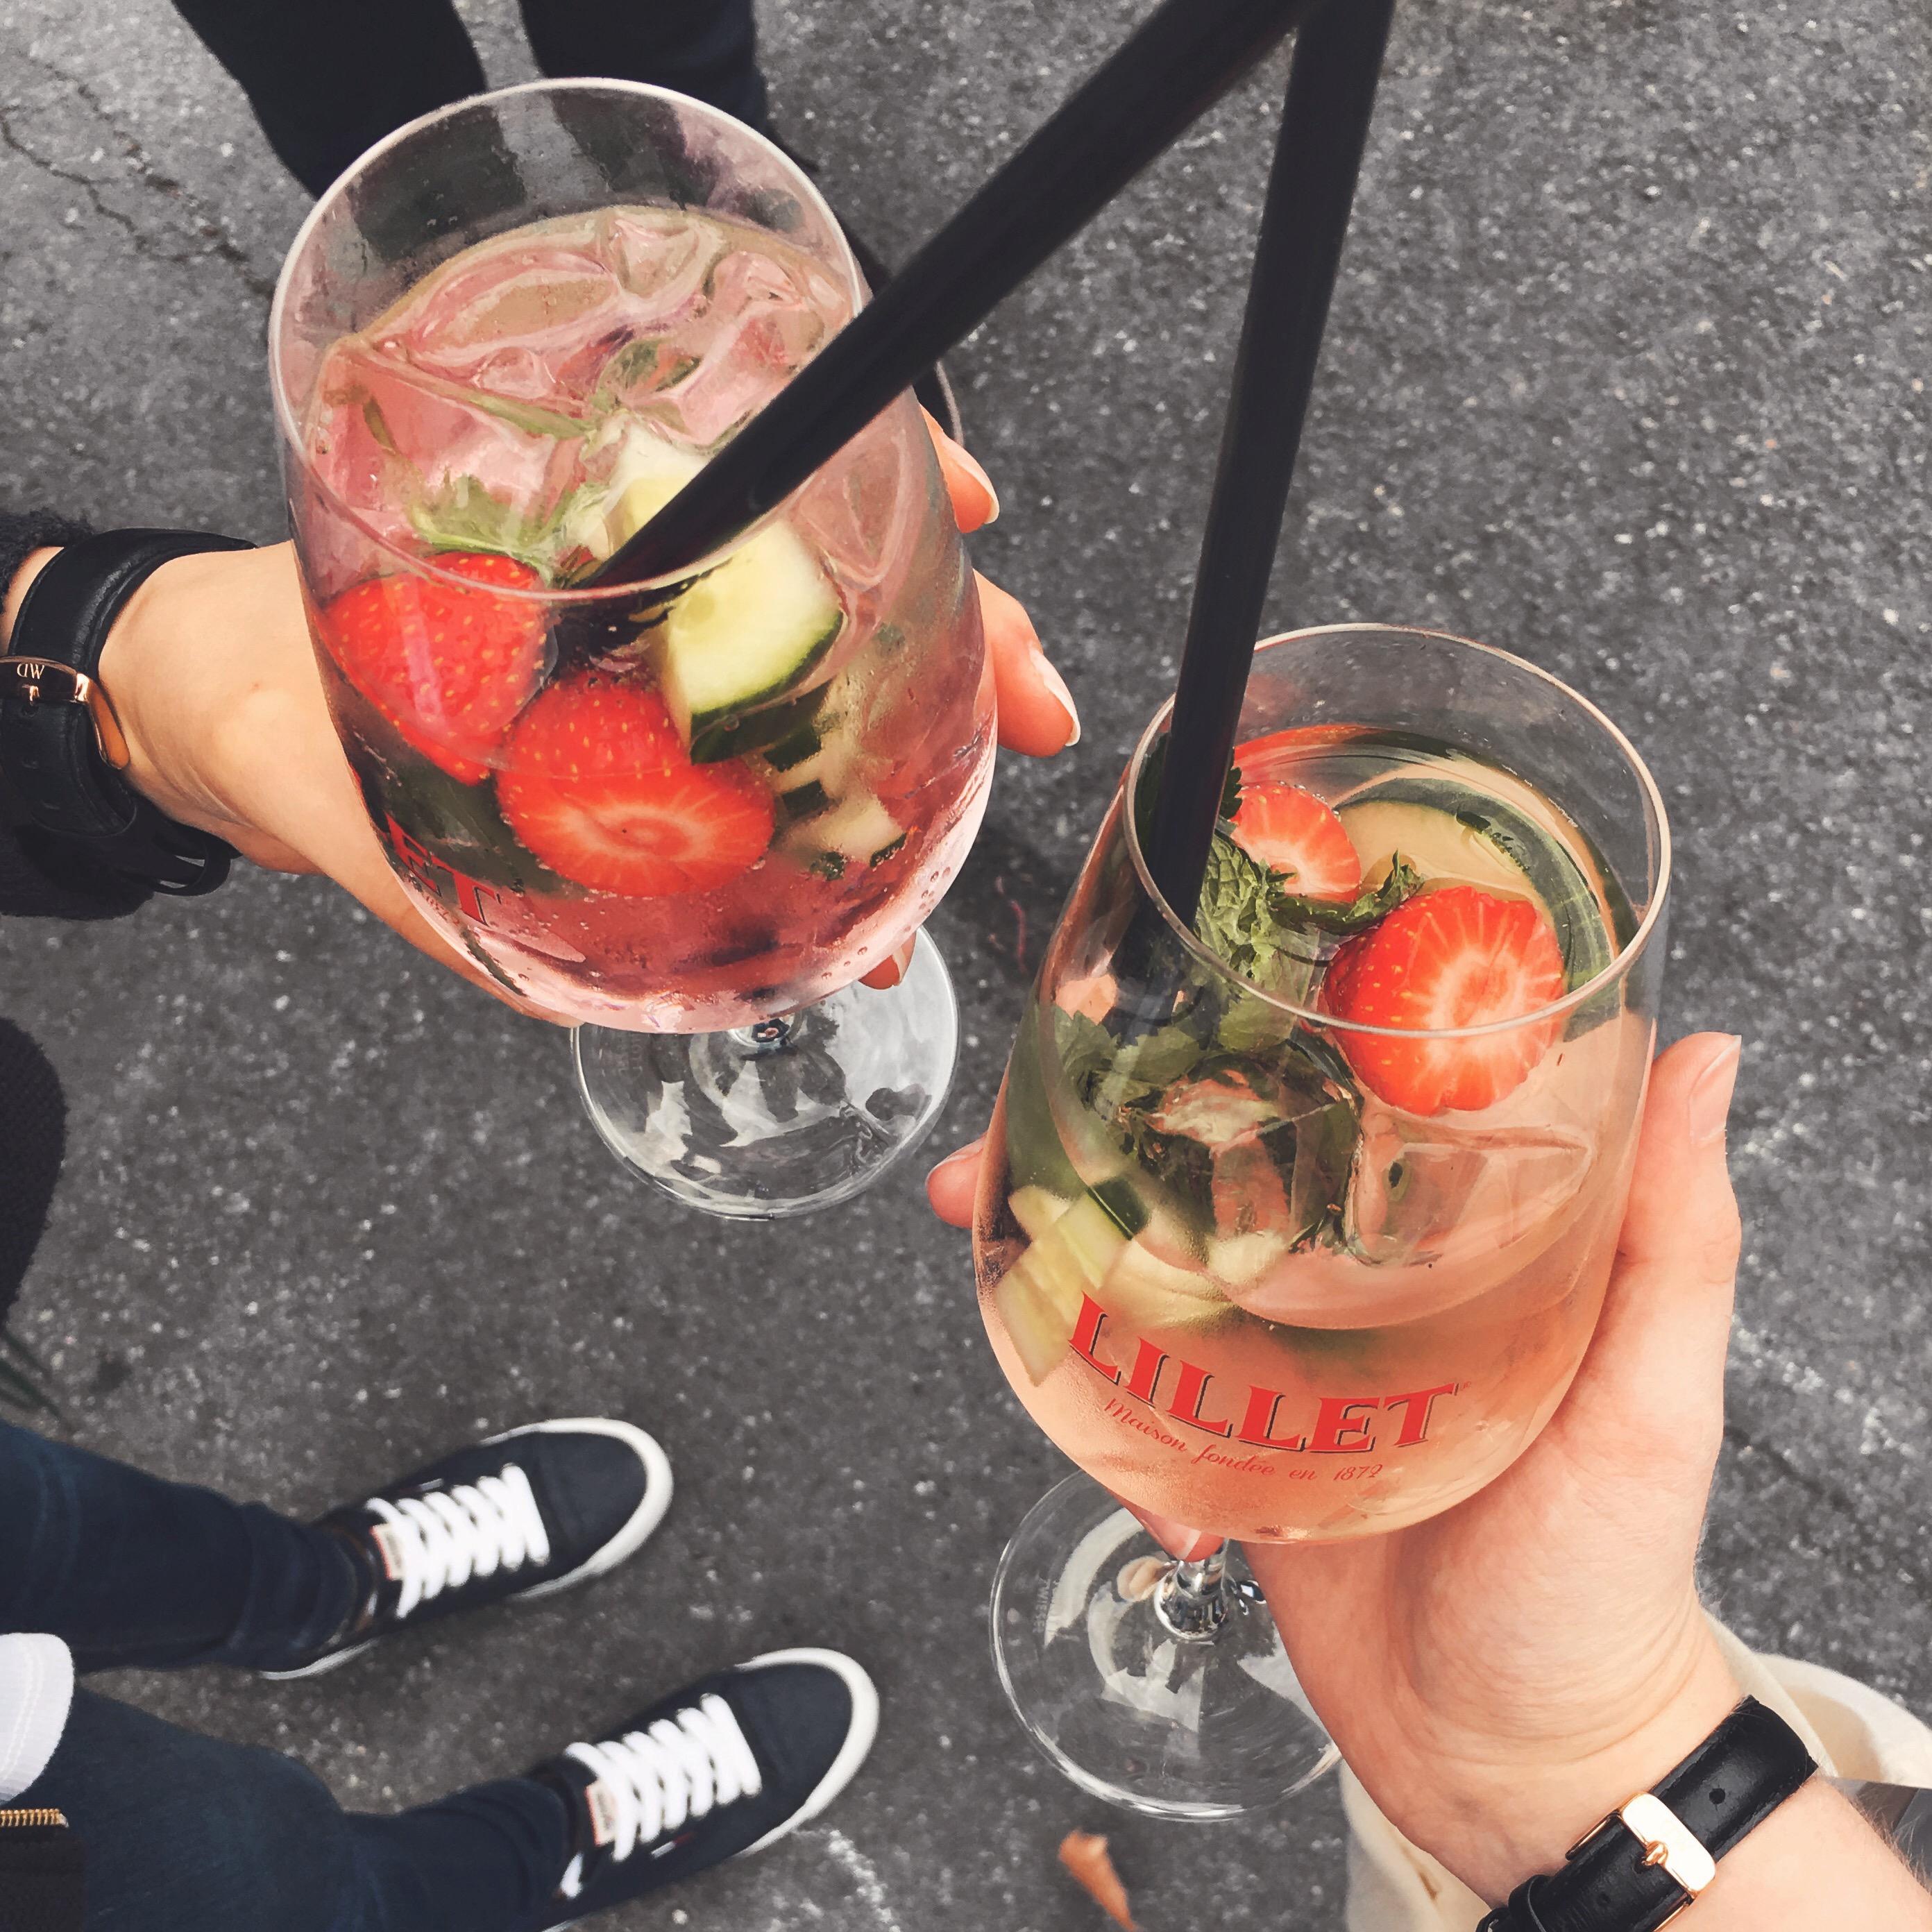 zwei cocktail glaeser von lillet mit eis und fruechten drin